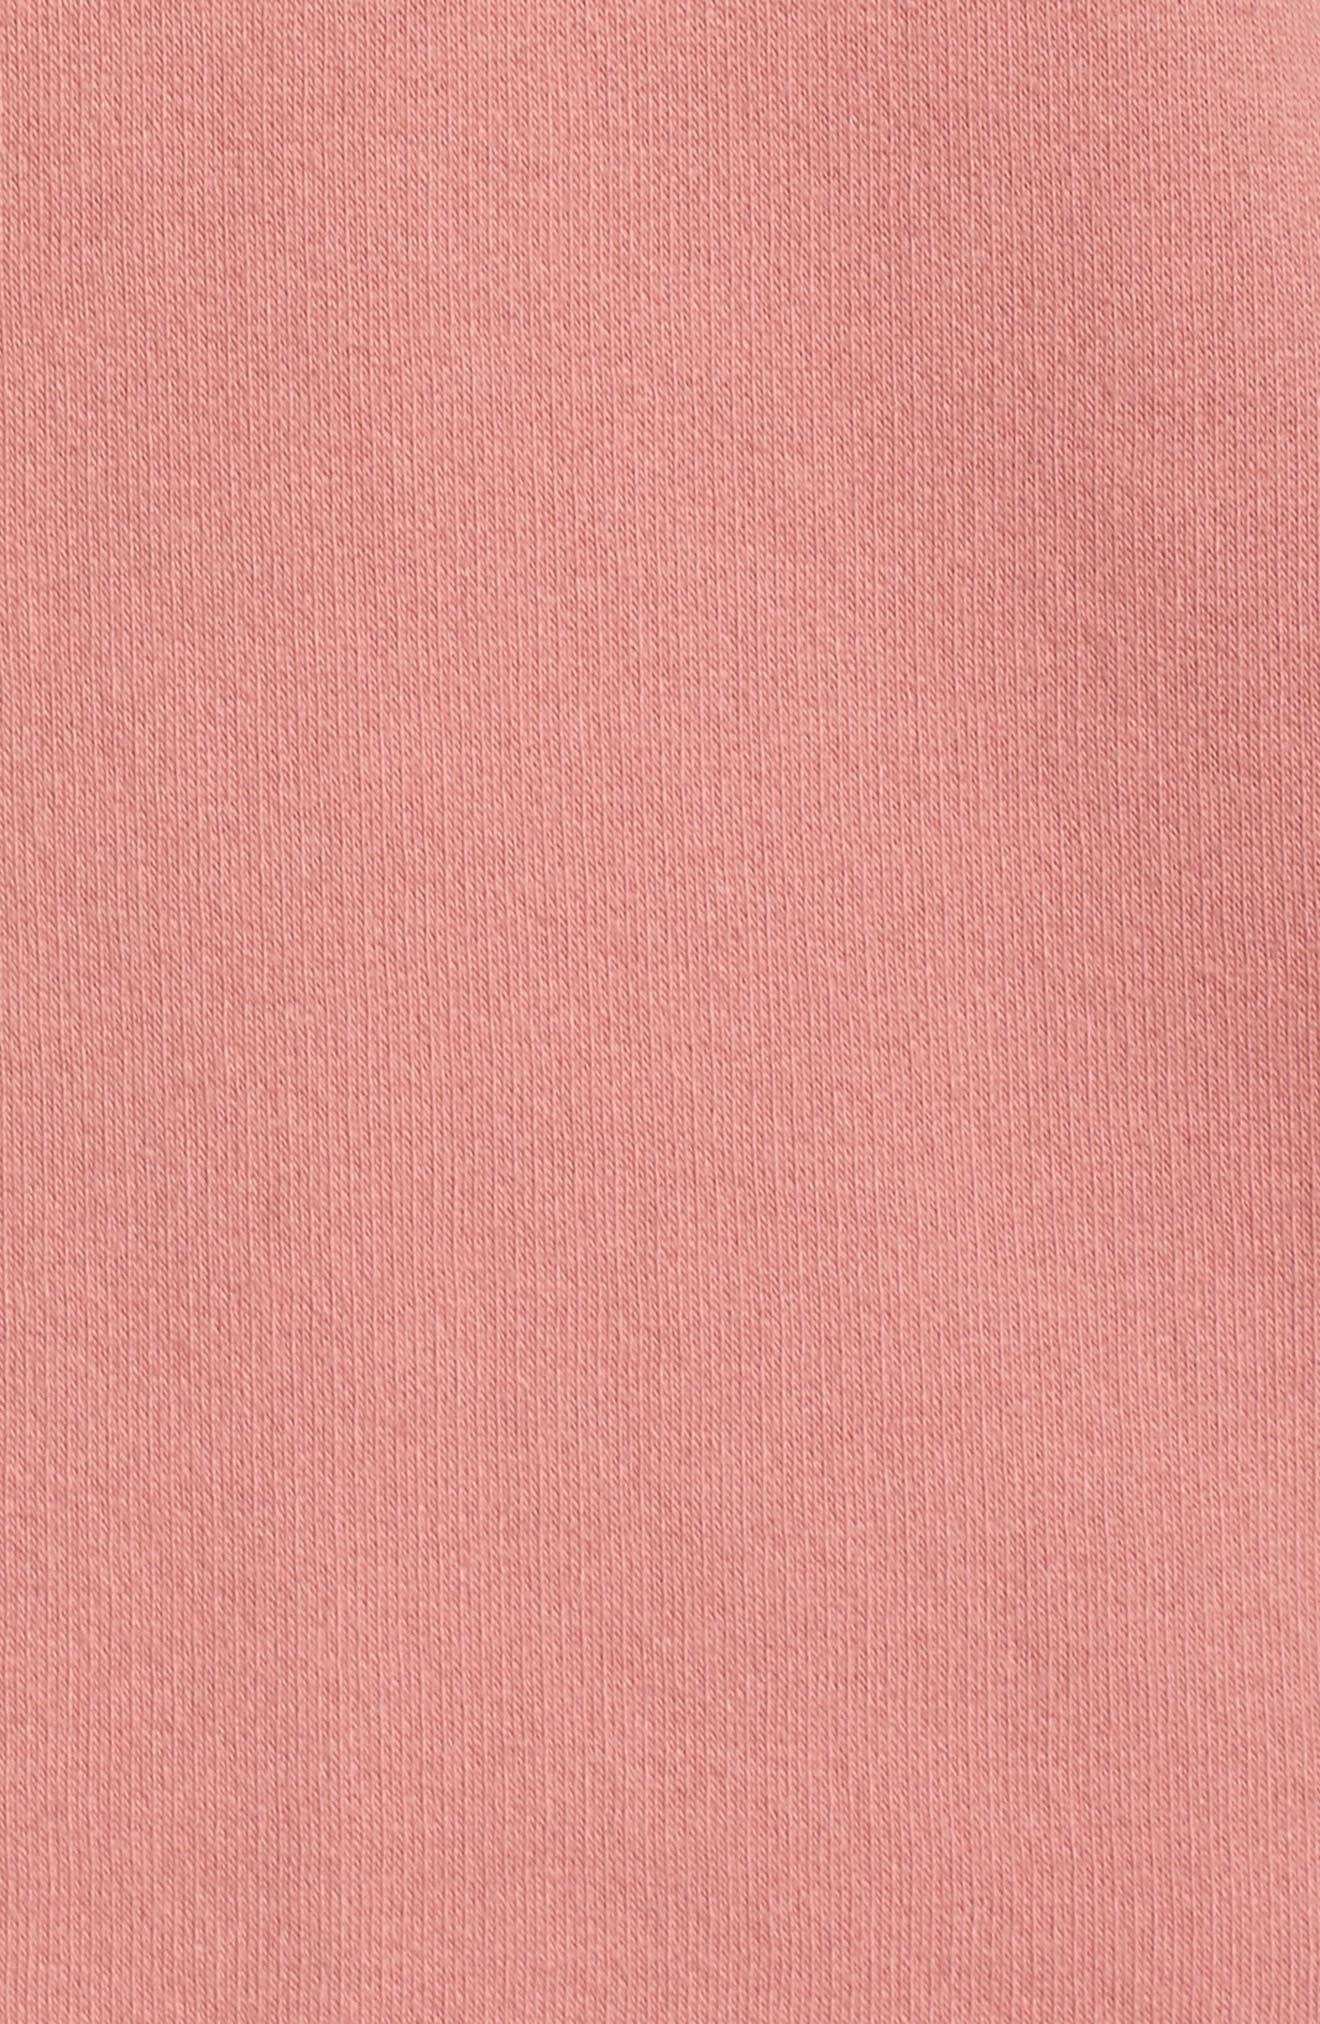 Brunette Crewneck Sweatshirt,                             Alternate thumbnail 5, color,